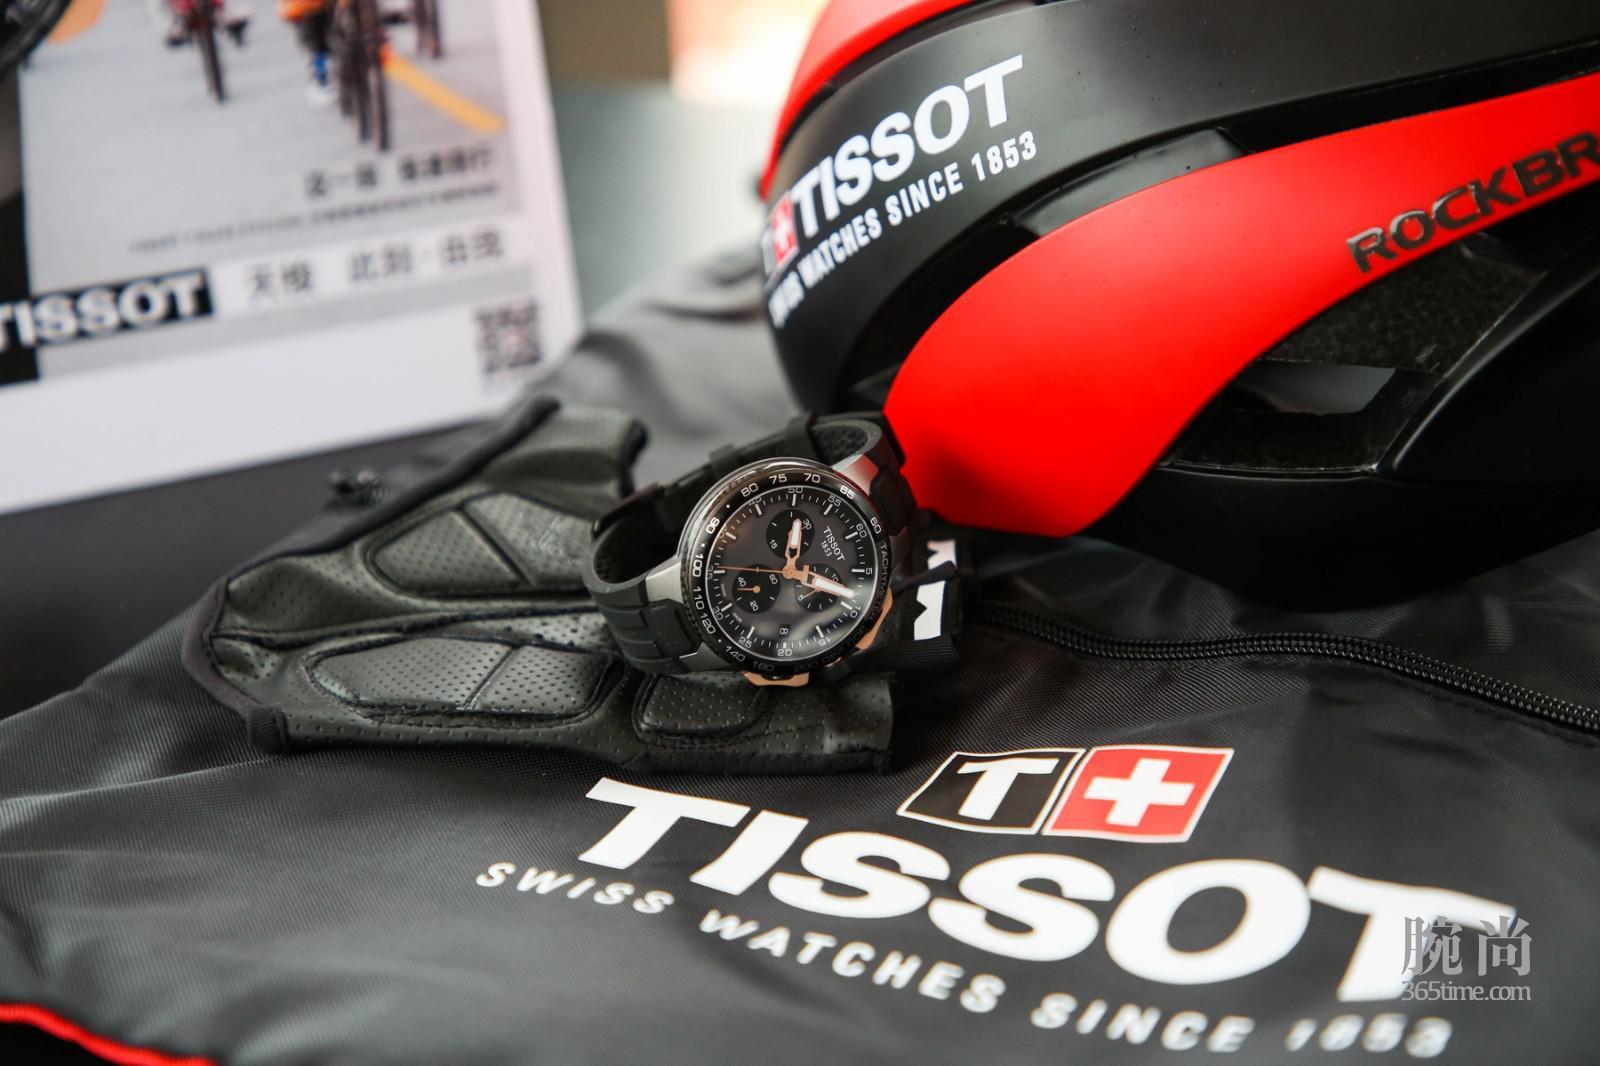 图2:天梭竞速系列自行车特别款腕表.jpg